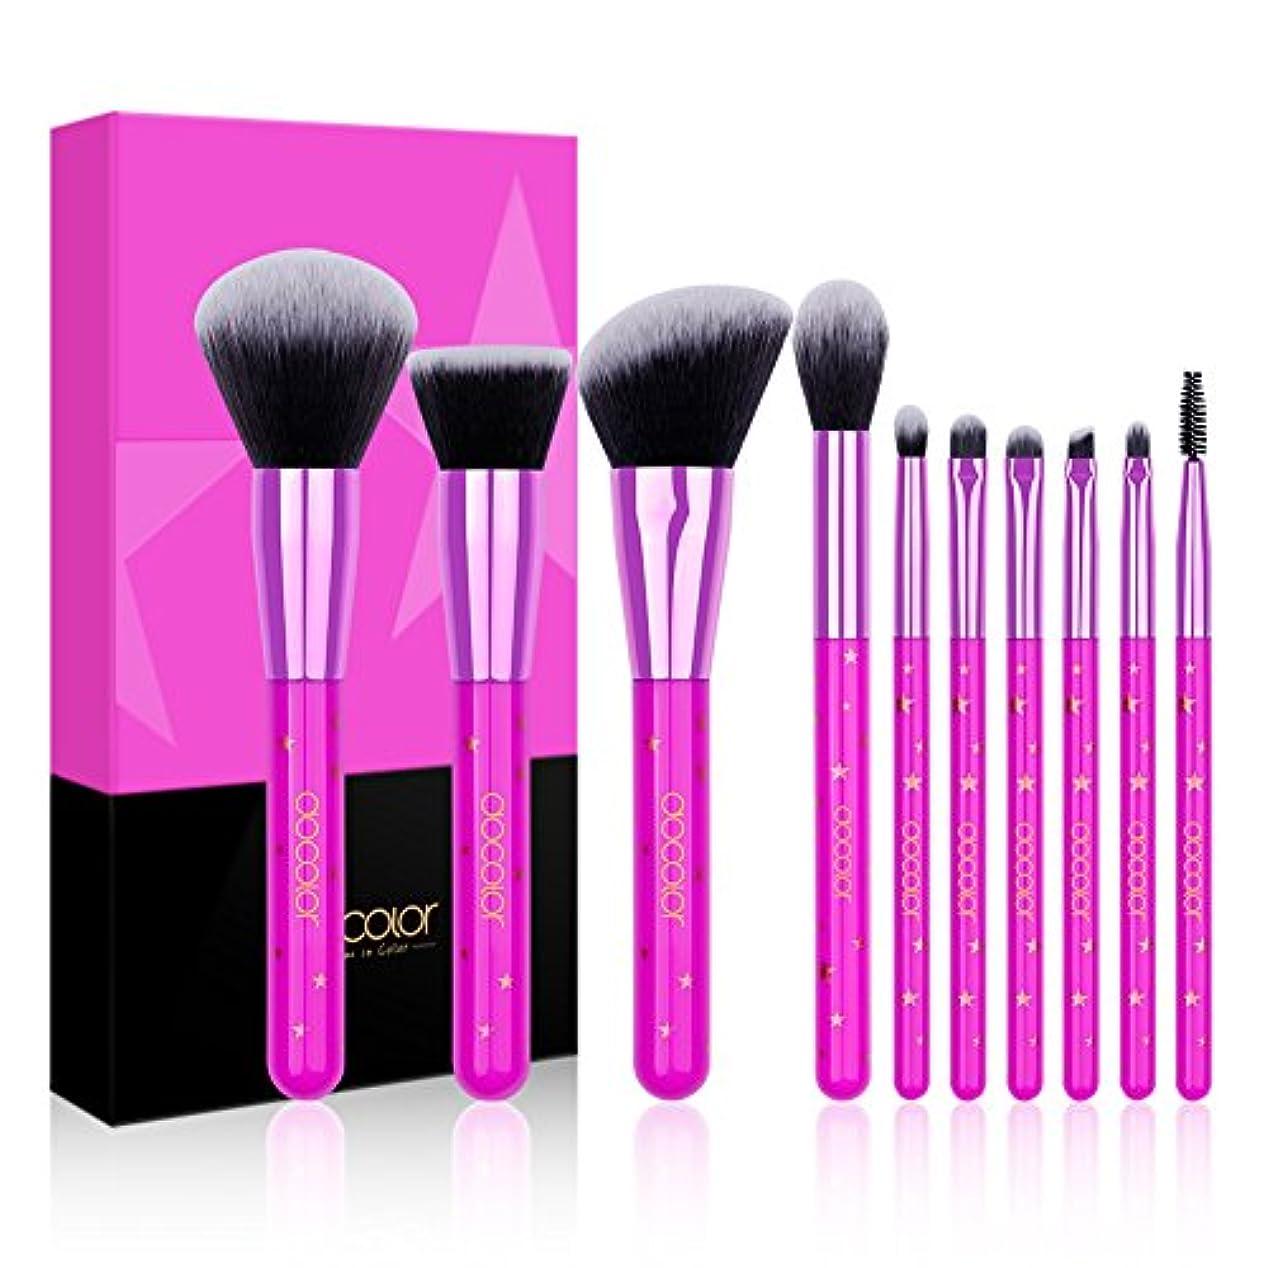 電子レンジ即席対象Docolor ドゥカラー 化粧筆 メイクブラシ 10本セット コスメ 化粧ブラシ 高級タクロンを使用 限定品 メイクの仕上がりを格上げ